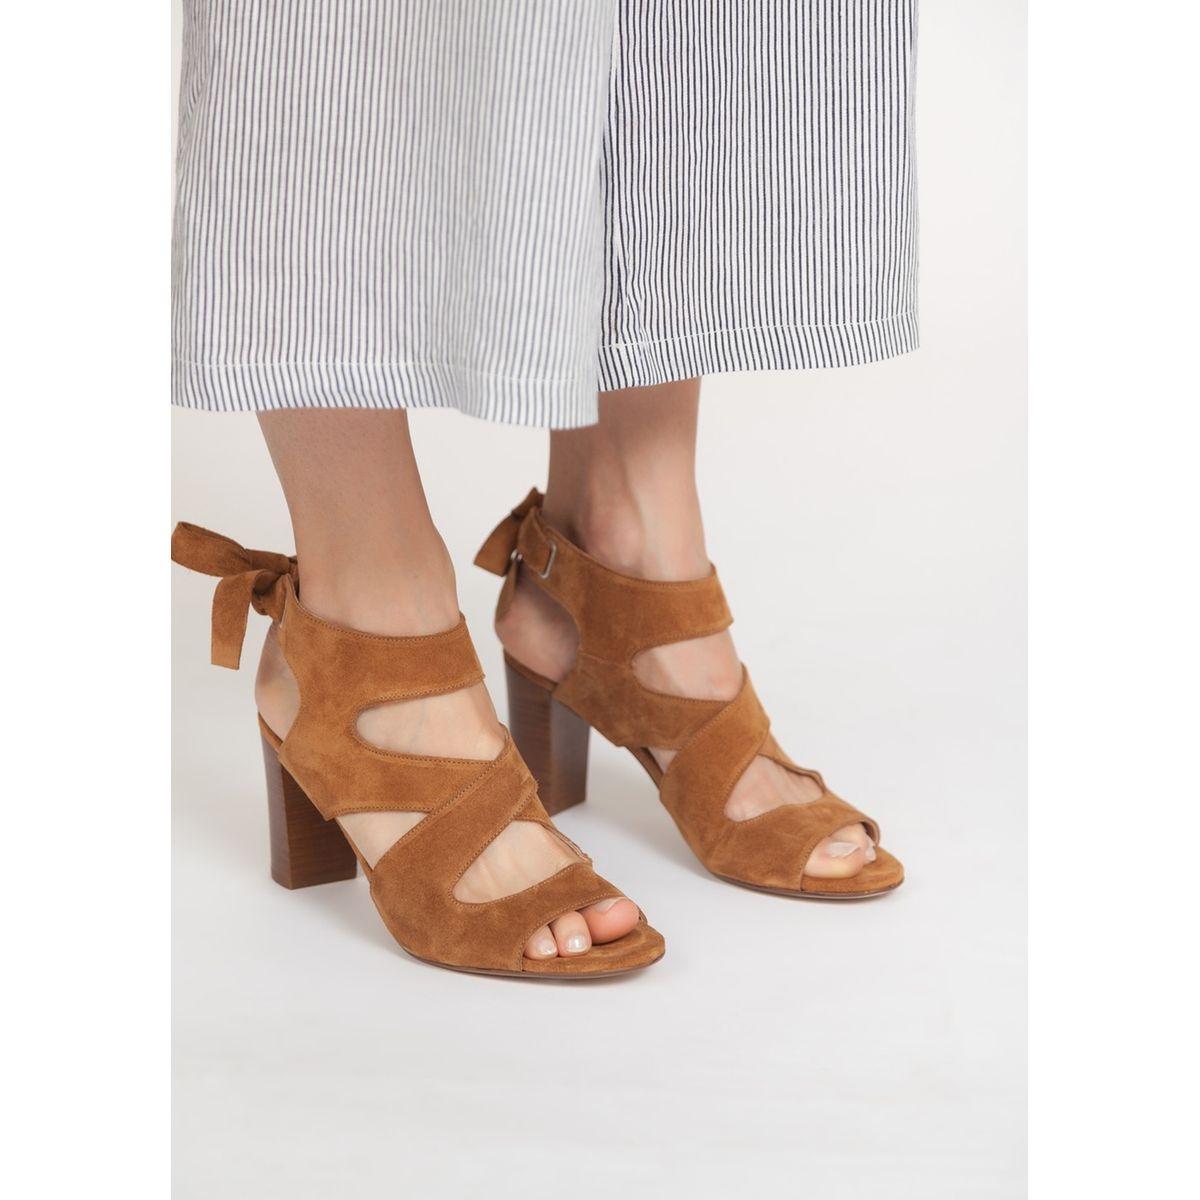 Sandales montantes en daim brides croisées